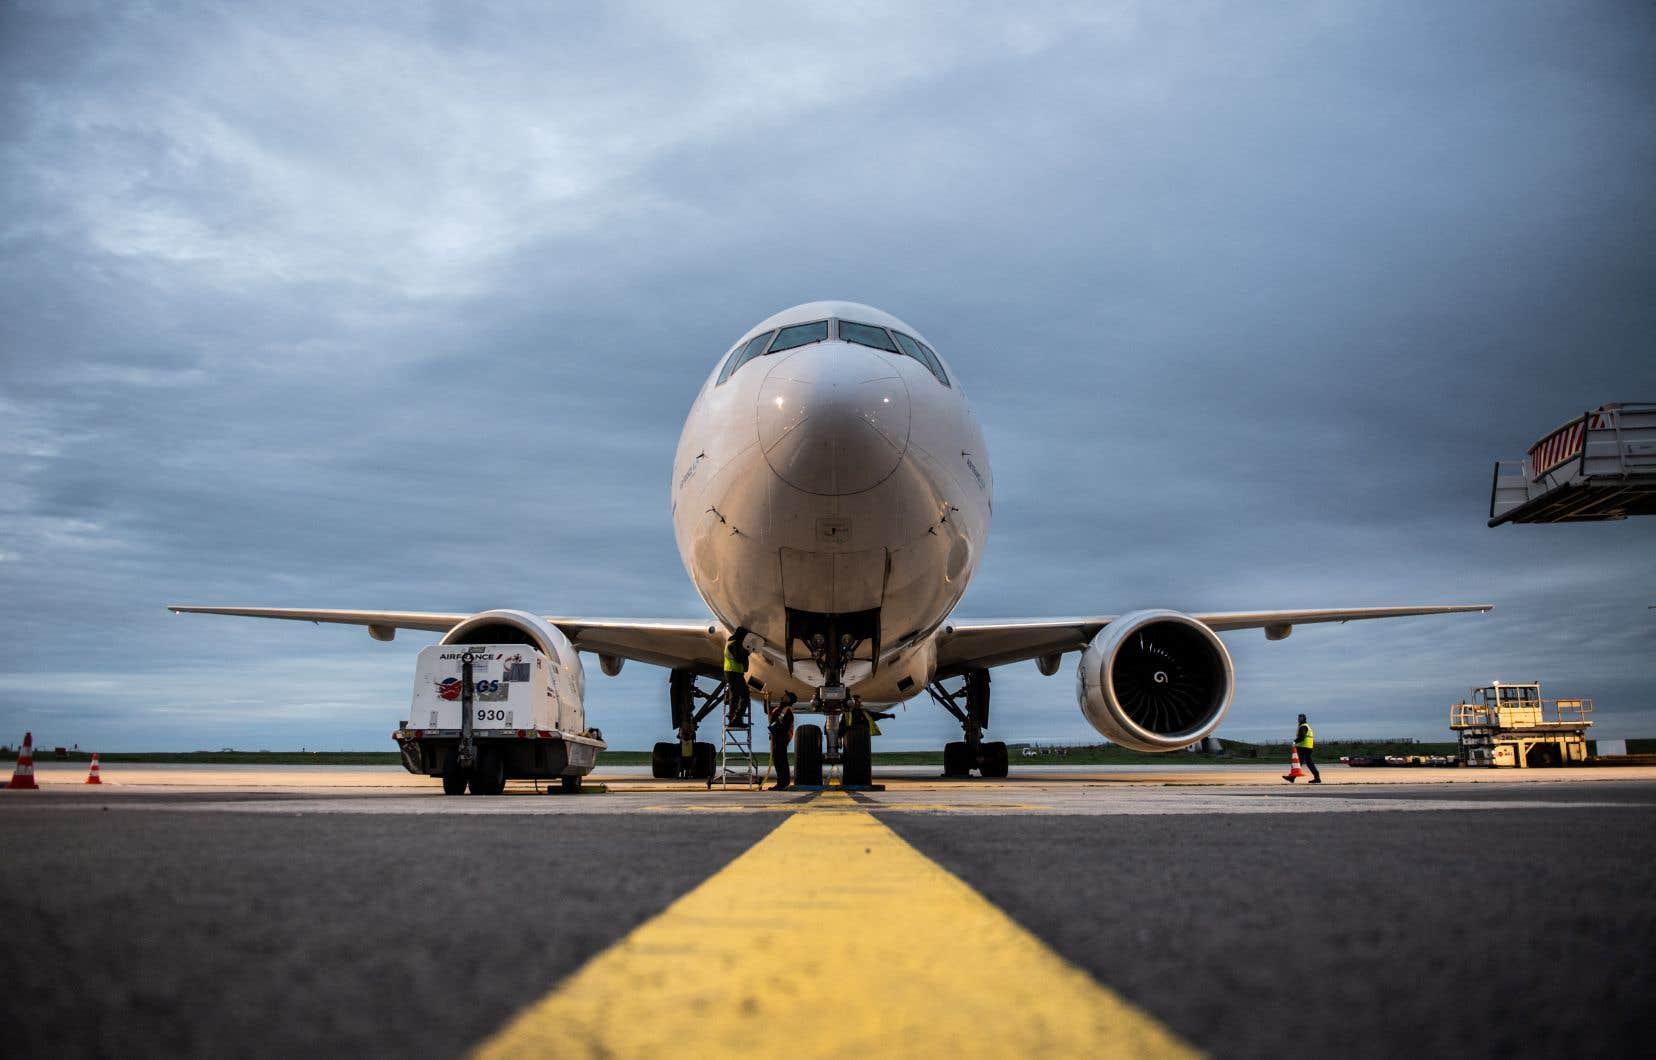 Les 128 Boeing 777 équipés du modèle de moteur mis en cause dans l'incident actuellement en service ou stocké ont été cloués au sol dans le monde le temps d'être inspectés.